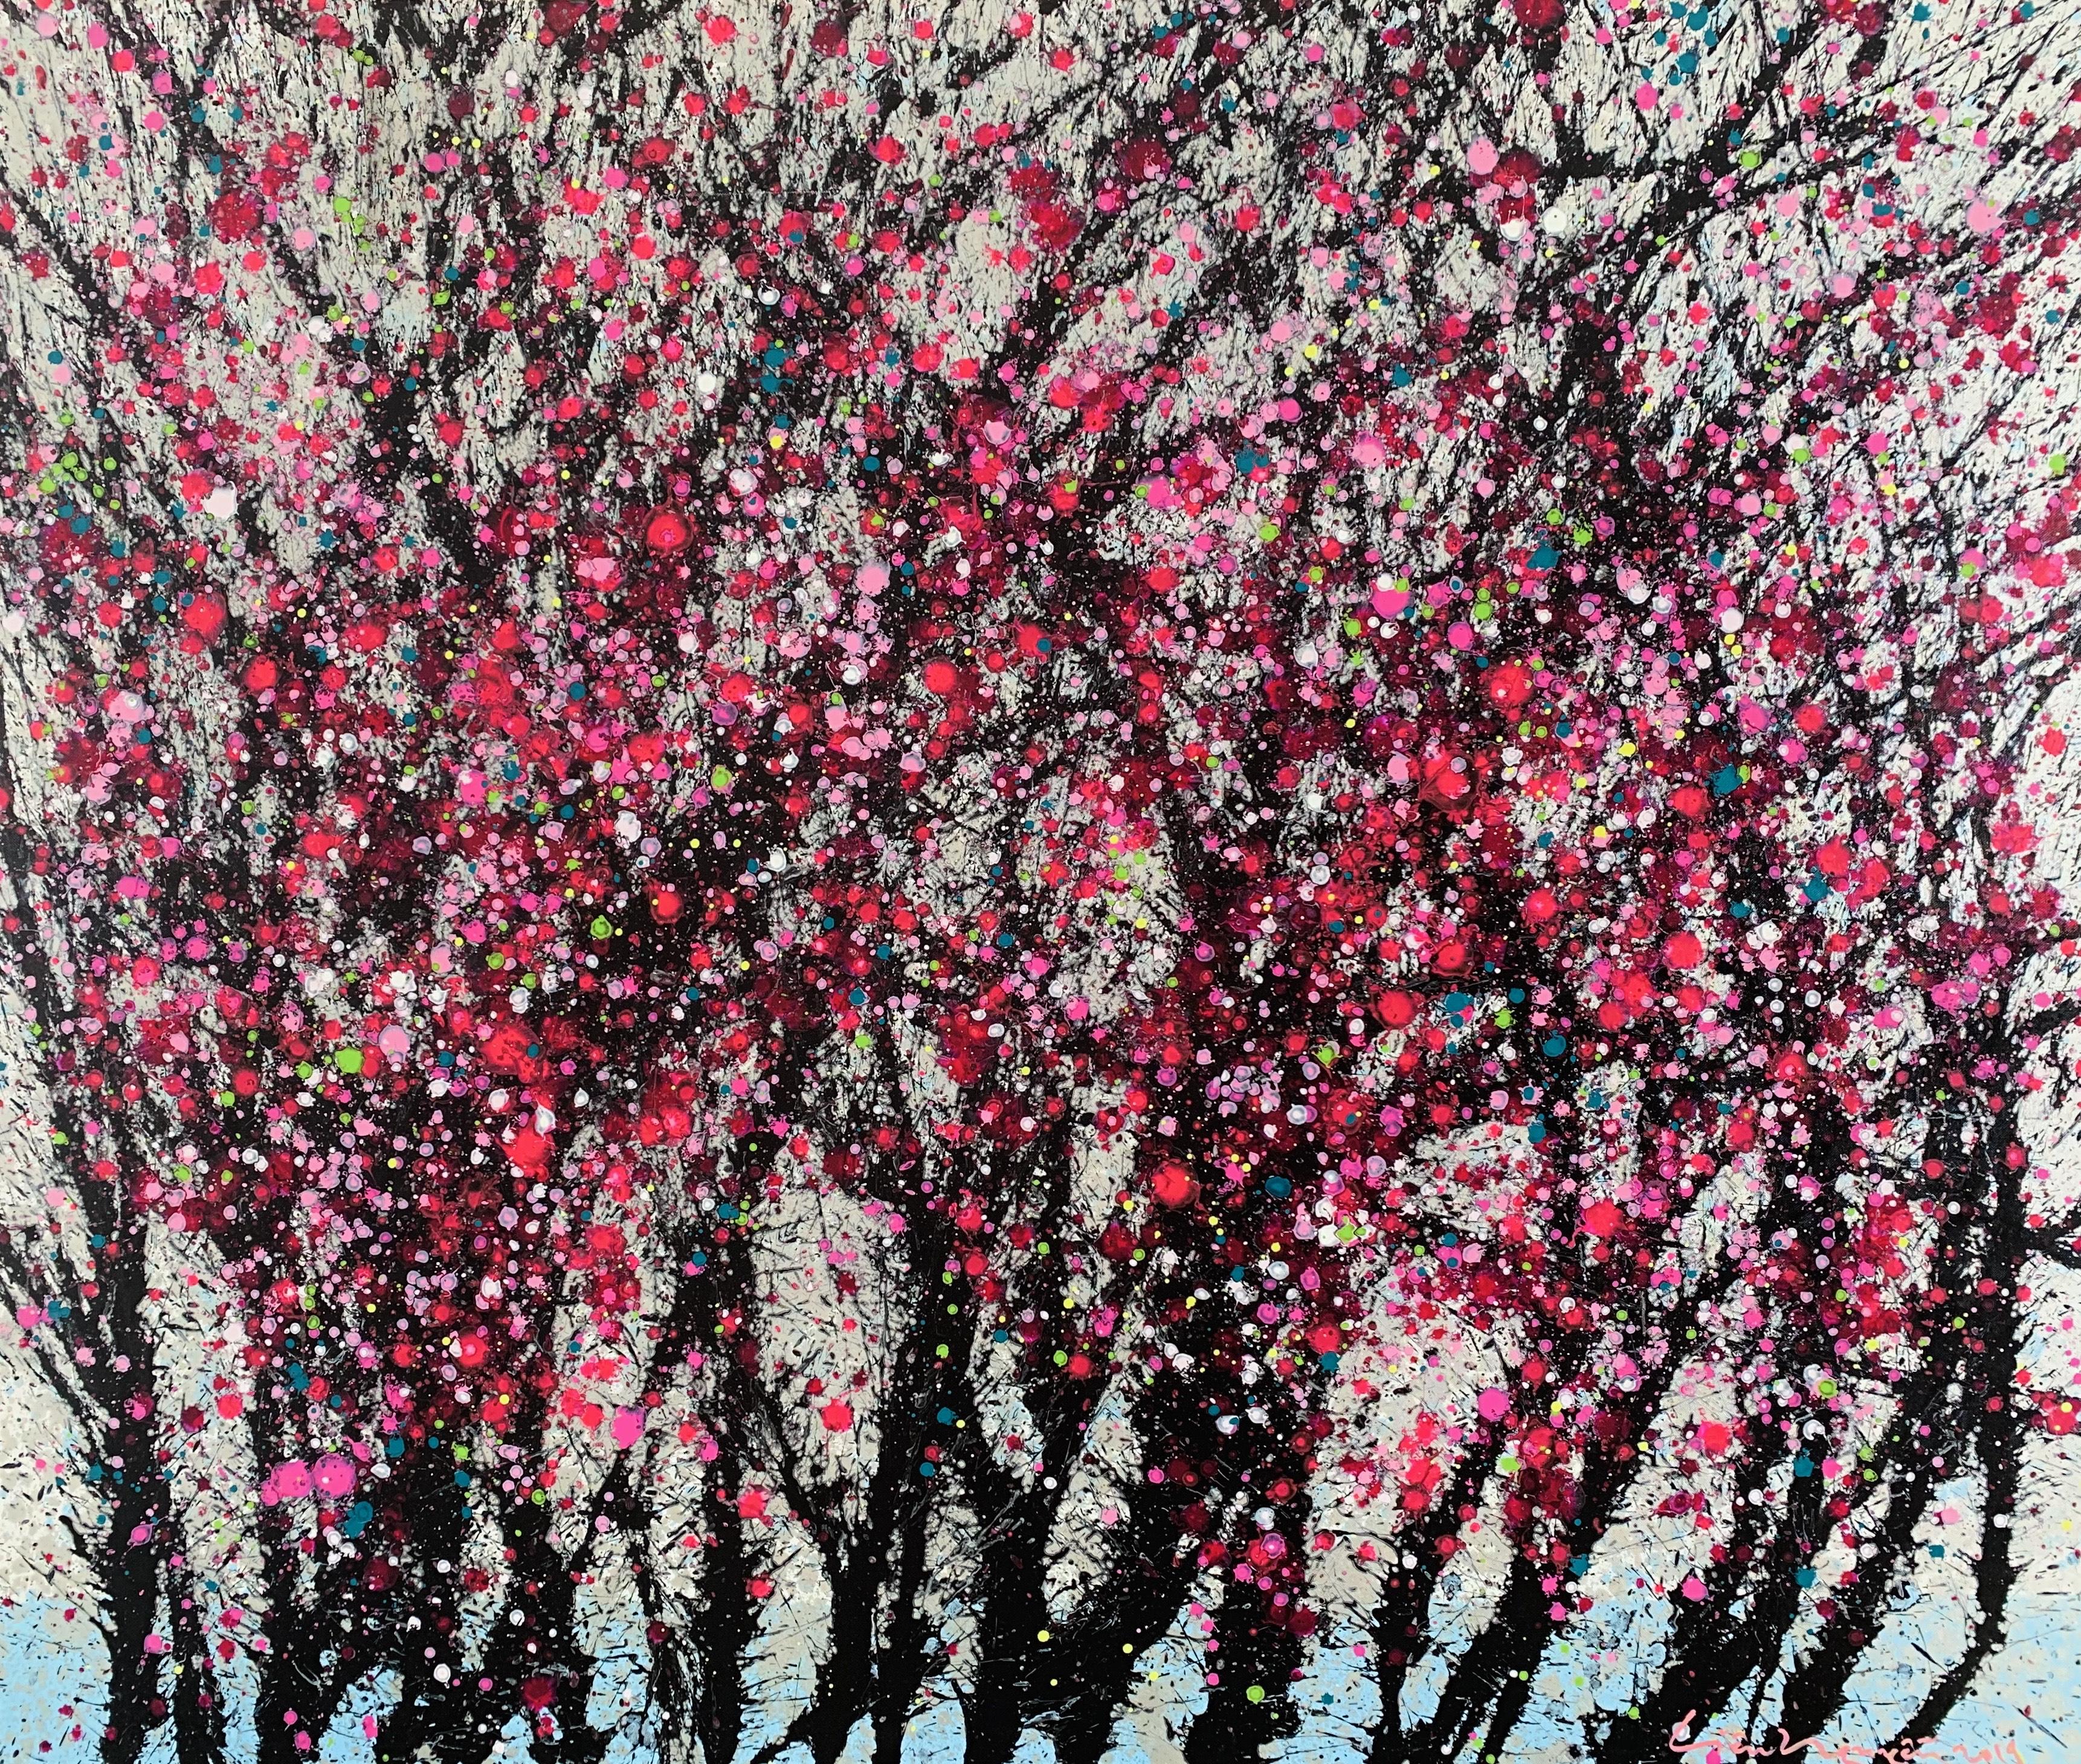 Peach Blossoms 02 | Hoa Đào 02